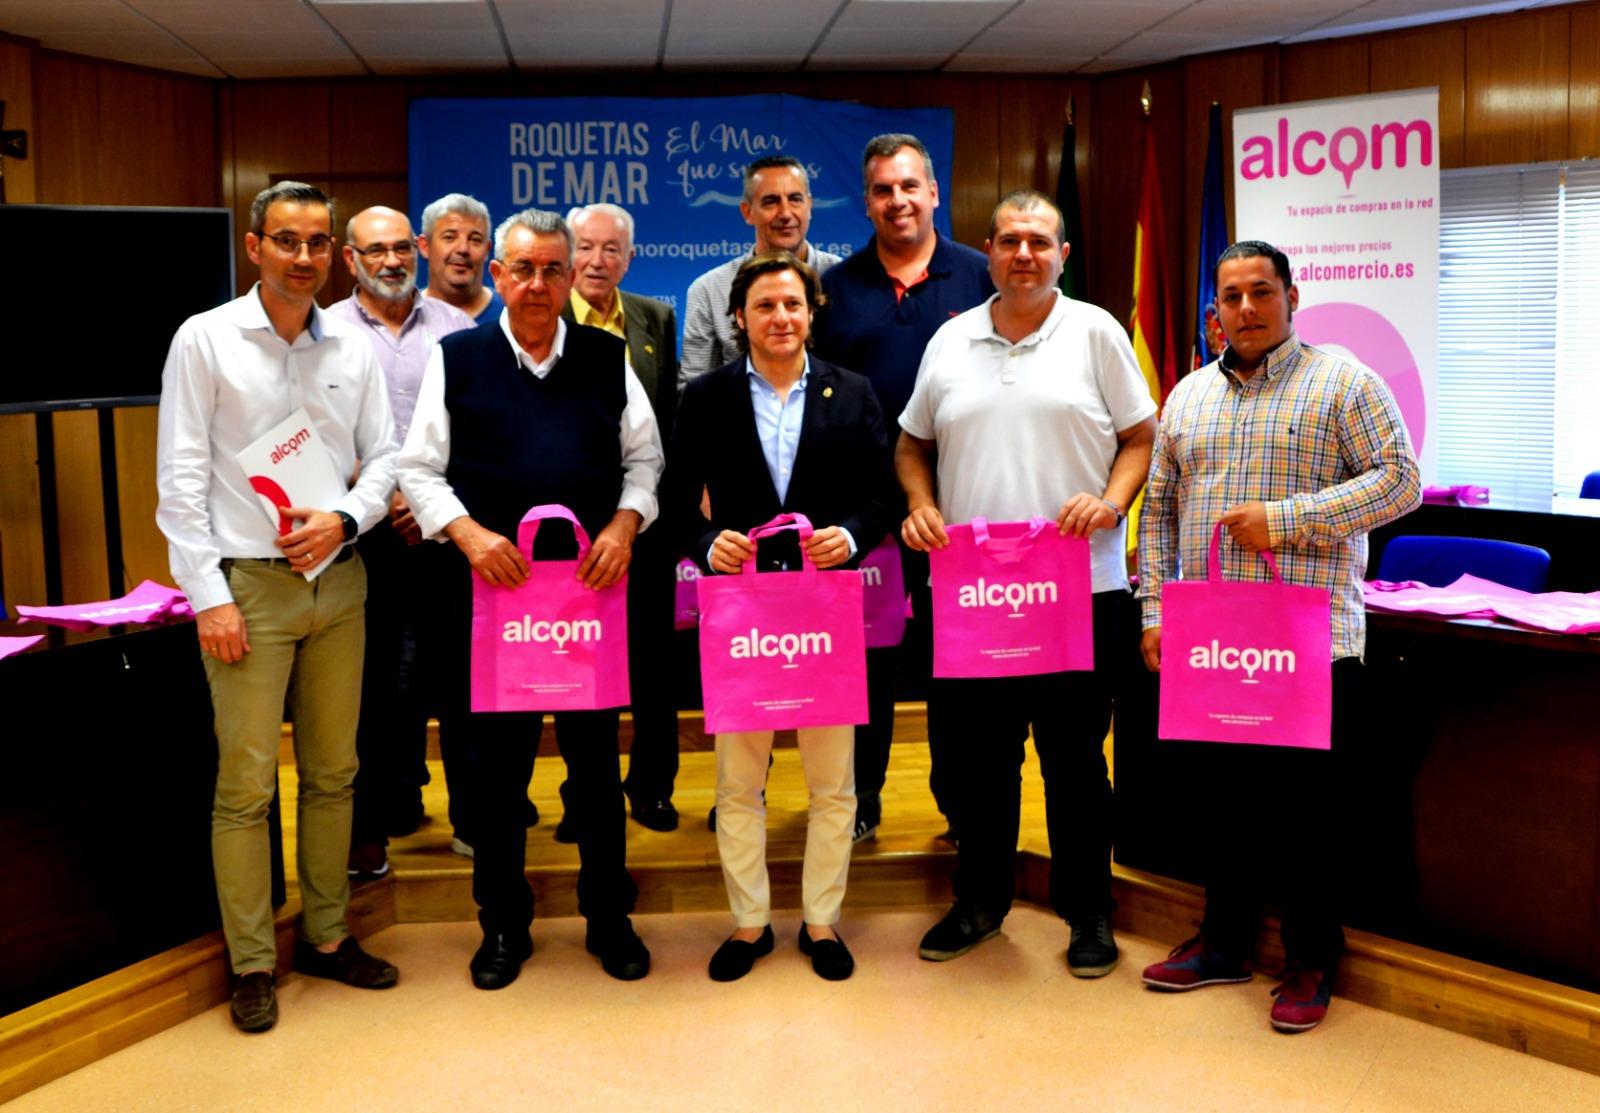 Los comerciantes presentan la web Alcom que informa sobre cada establecimiento y permite la venta online